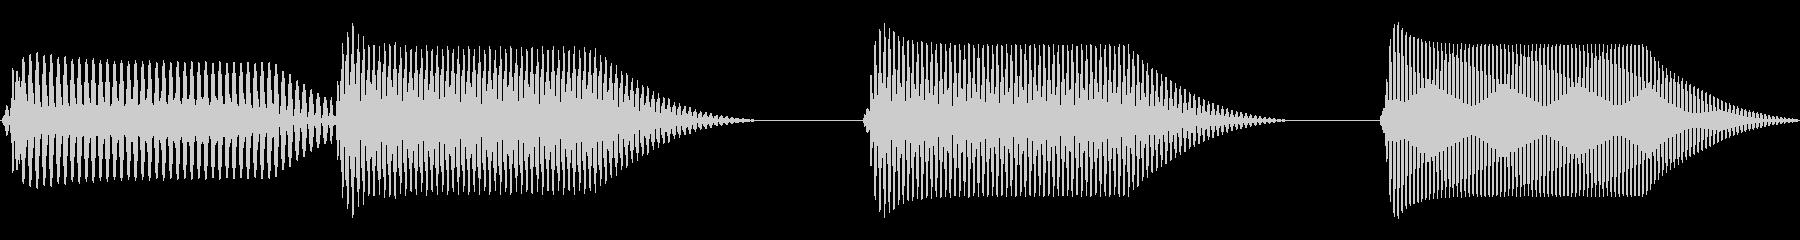 往年のRPG風 コマンド音 シリーズ 4の未再生の波形